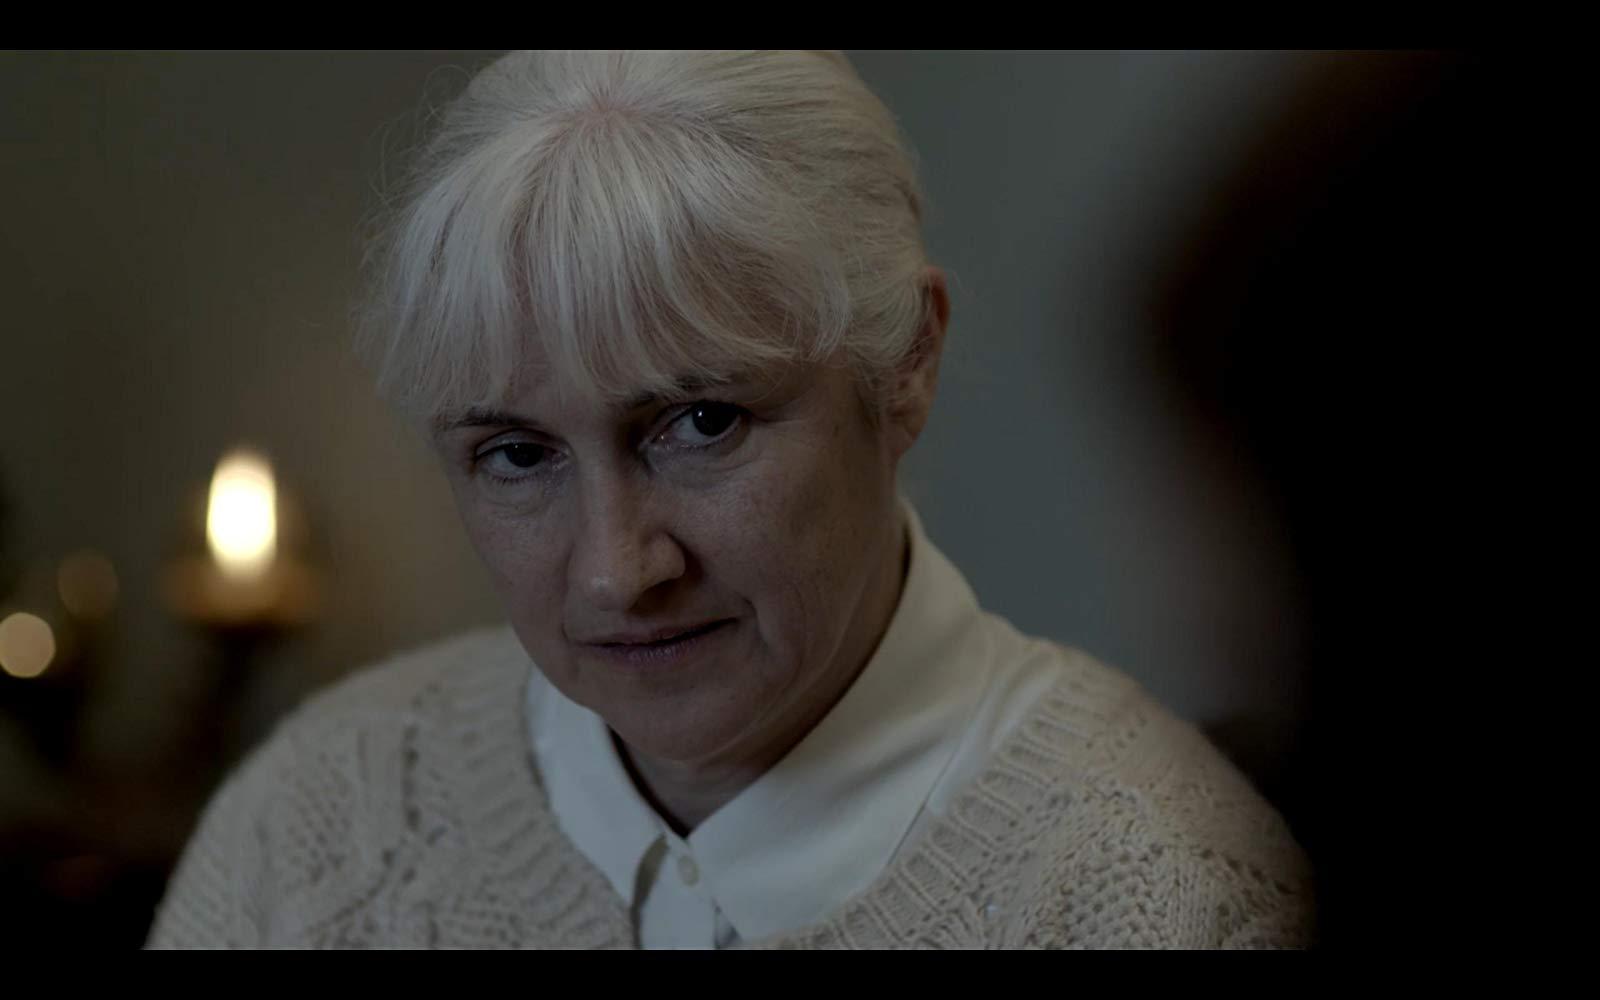 《囚愛之家》劇情媲美《逃出絕命鎮》 「囚禁少婦+暴力剖腹」網友大喊:孕婦不要看!